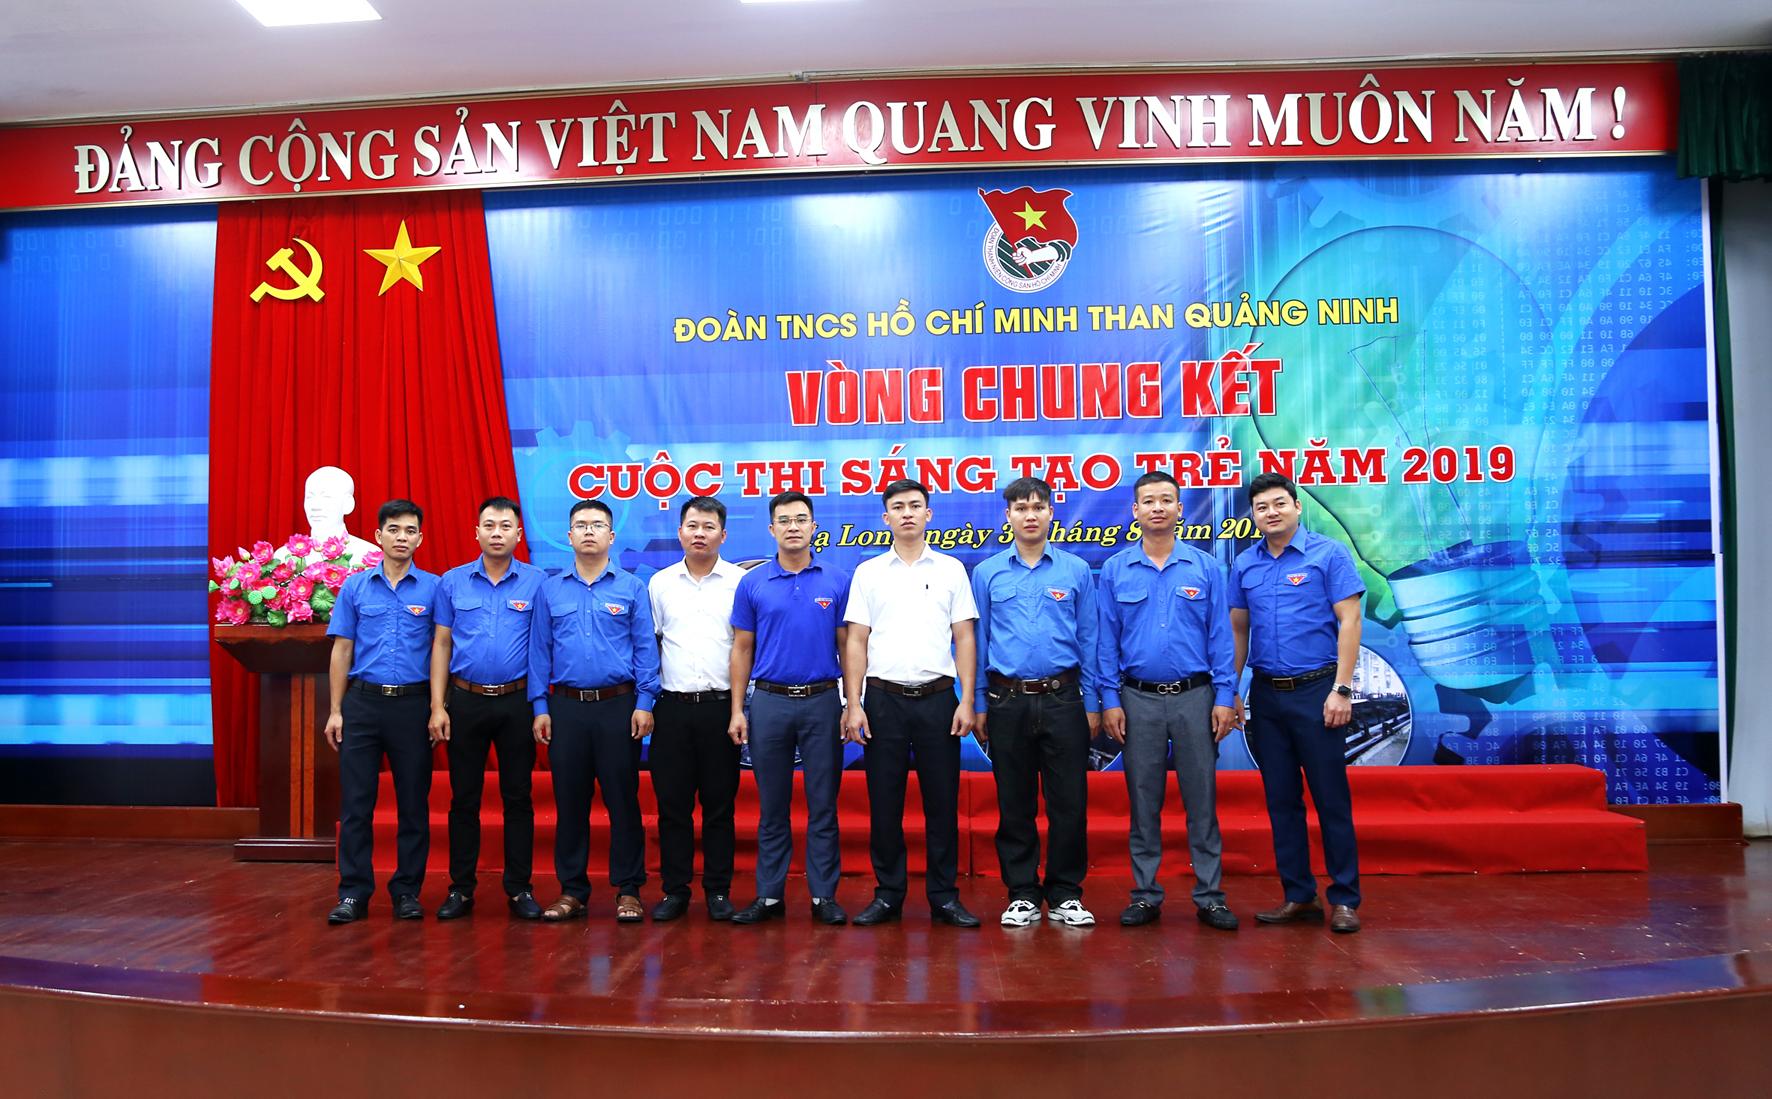 Ứng dụng sáng tạo trong công tác vận chuyển vật liệu mỏ tại Than Nam Mẫu (2)